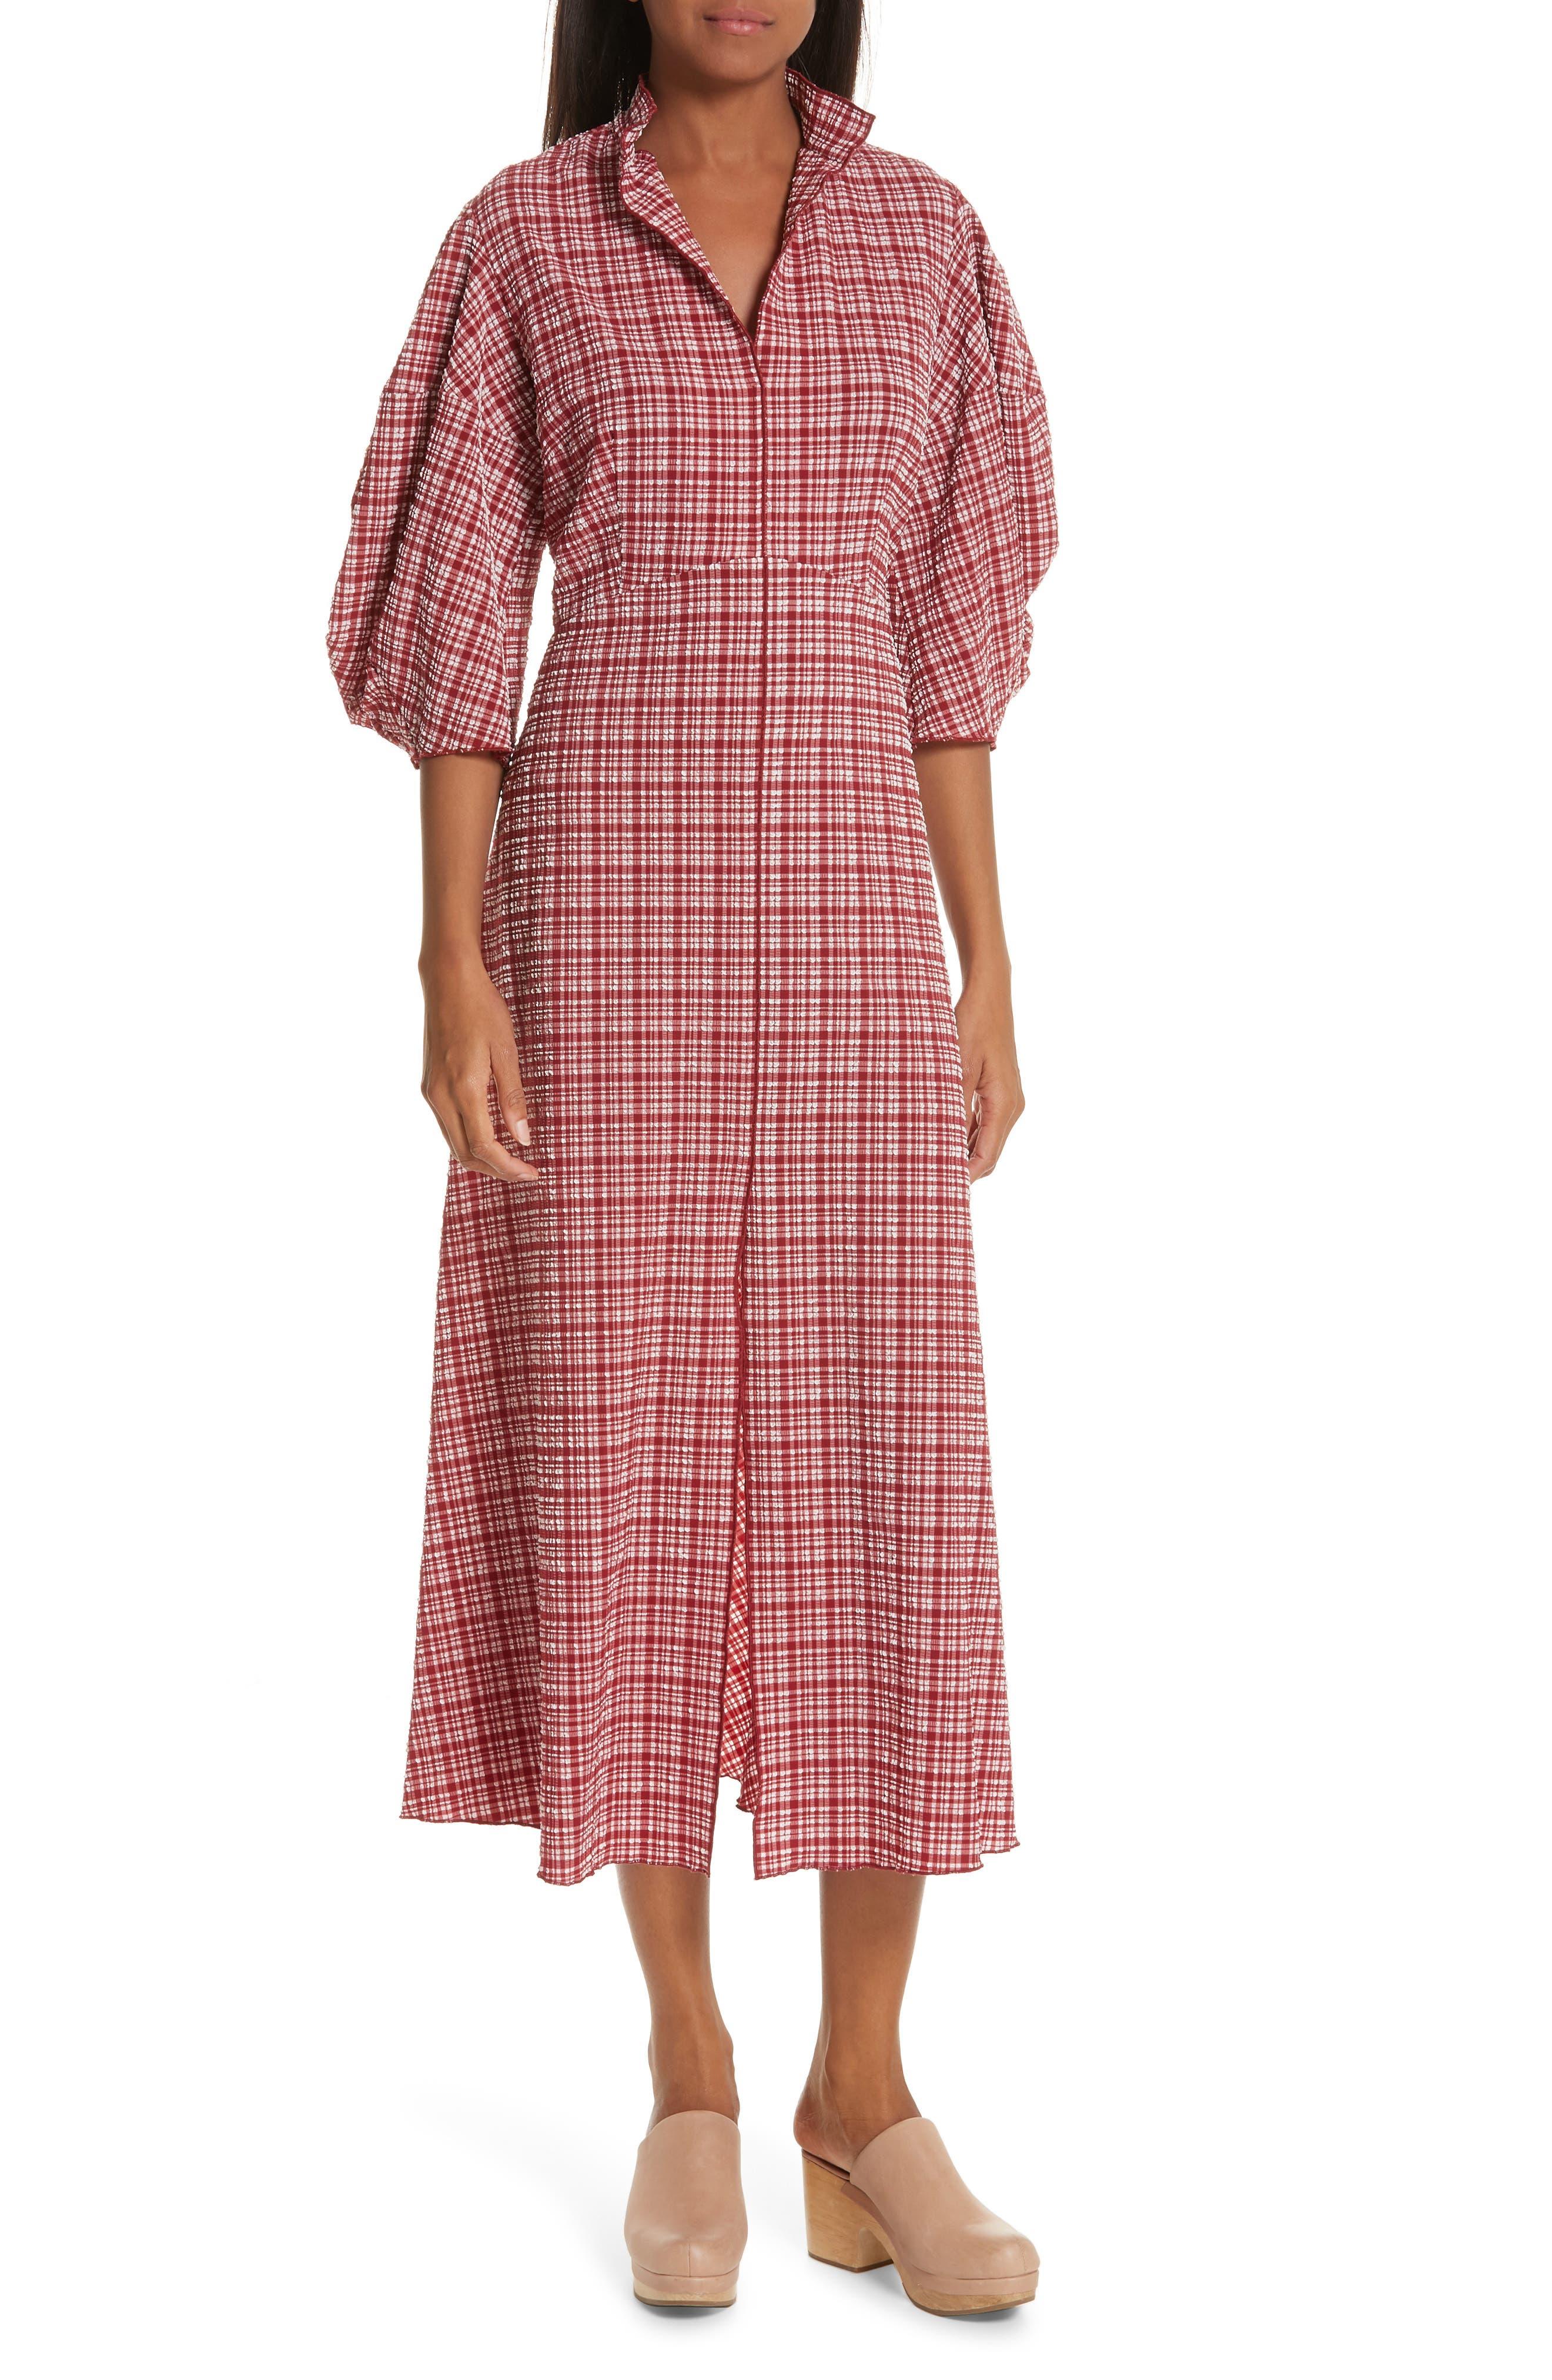 Rachel Comey Amplus Gingham Seersucker Dress, Red